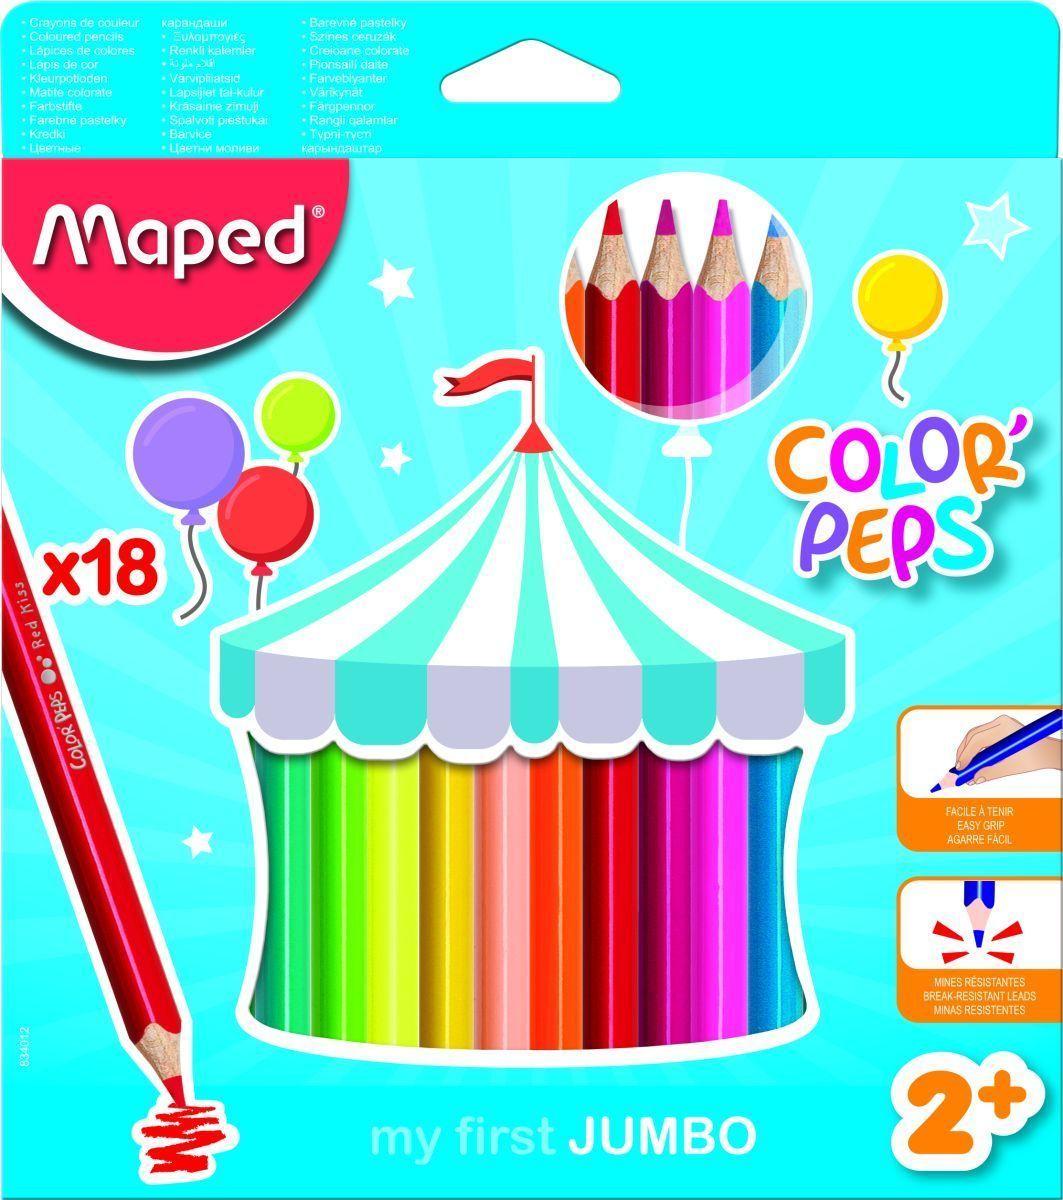 Maped Набор цветных карандашей Color Peps Jumbo 18 цветов834012Карандаши цветные из американской липы серии COLOR PEPS JUMBO. Эргономичная треугольная форма. В наборе 18 цветов в картонном футляре. Ударопрочный грифель. Серия разработана для малышей - упаковка отличается особой графикой. 2+. Карандаши суперяркие, корпус большого диаметра специально для детской руки. Толстый грифель диаметром 4,7 мм. Идеально подходит для рисования, раскрашивания и живописи, абсолютно безопасно для детей. Карандаши легко точатся. Плотное закрашивание - отличный вариант для раскрасок!